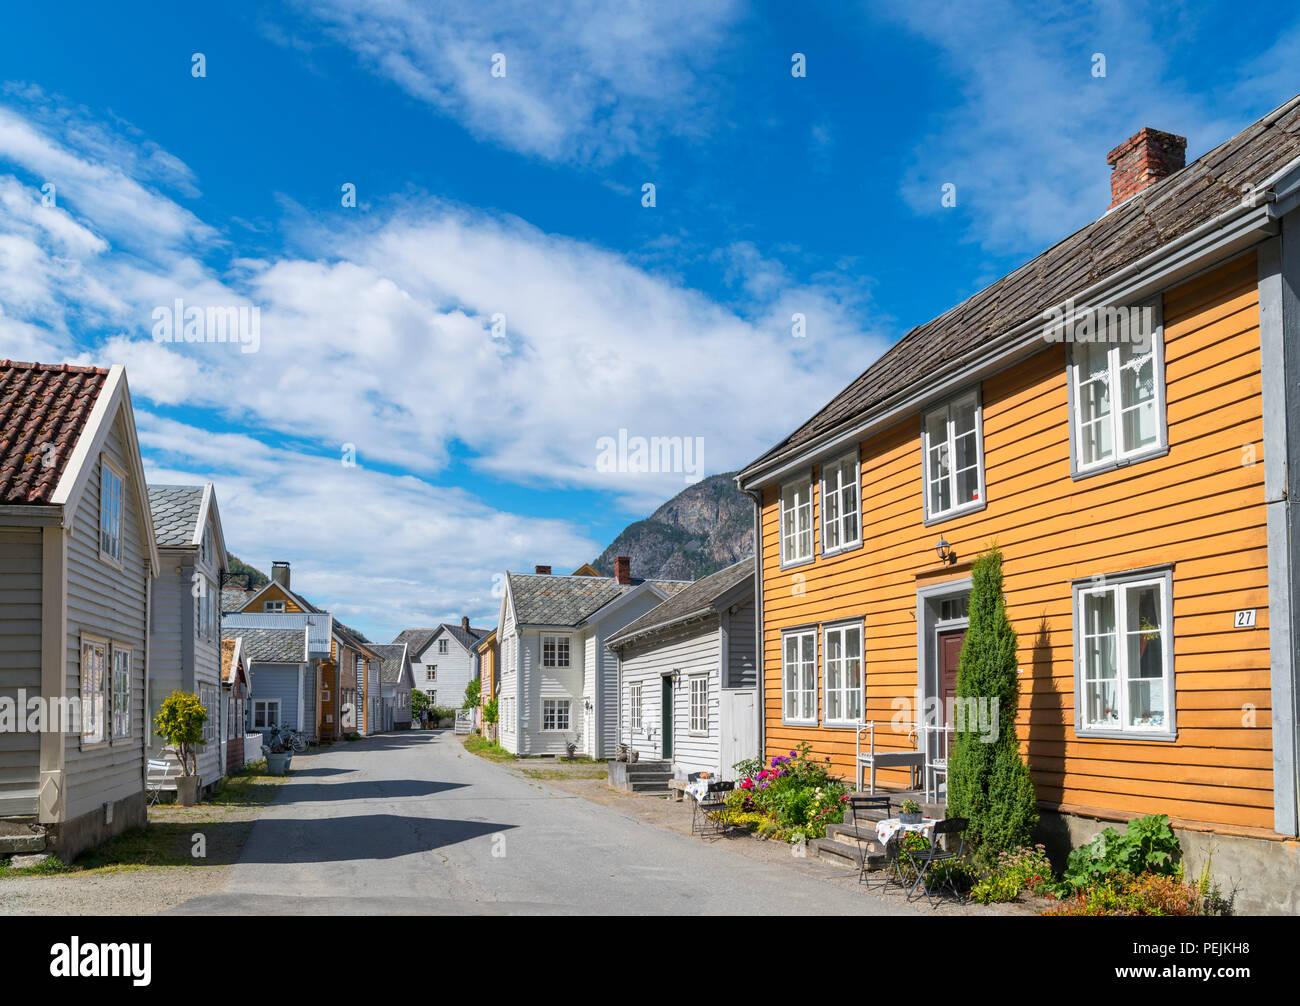 Maisons en bois traditionnelles à Laerdal (Laerdalsøyri), Sogn og Fjordane, Norvège Photo Stock